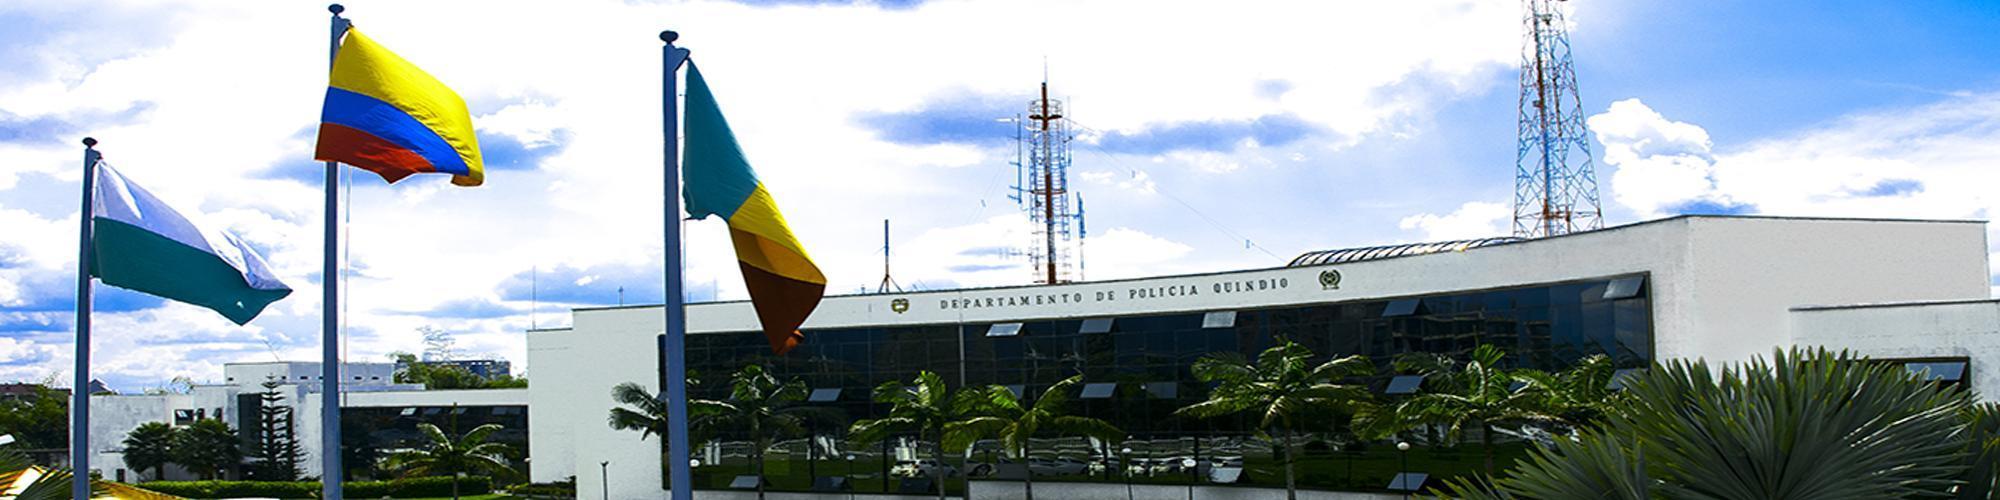 foto panoramica del Departamento de Policía Quindío